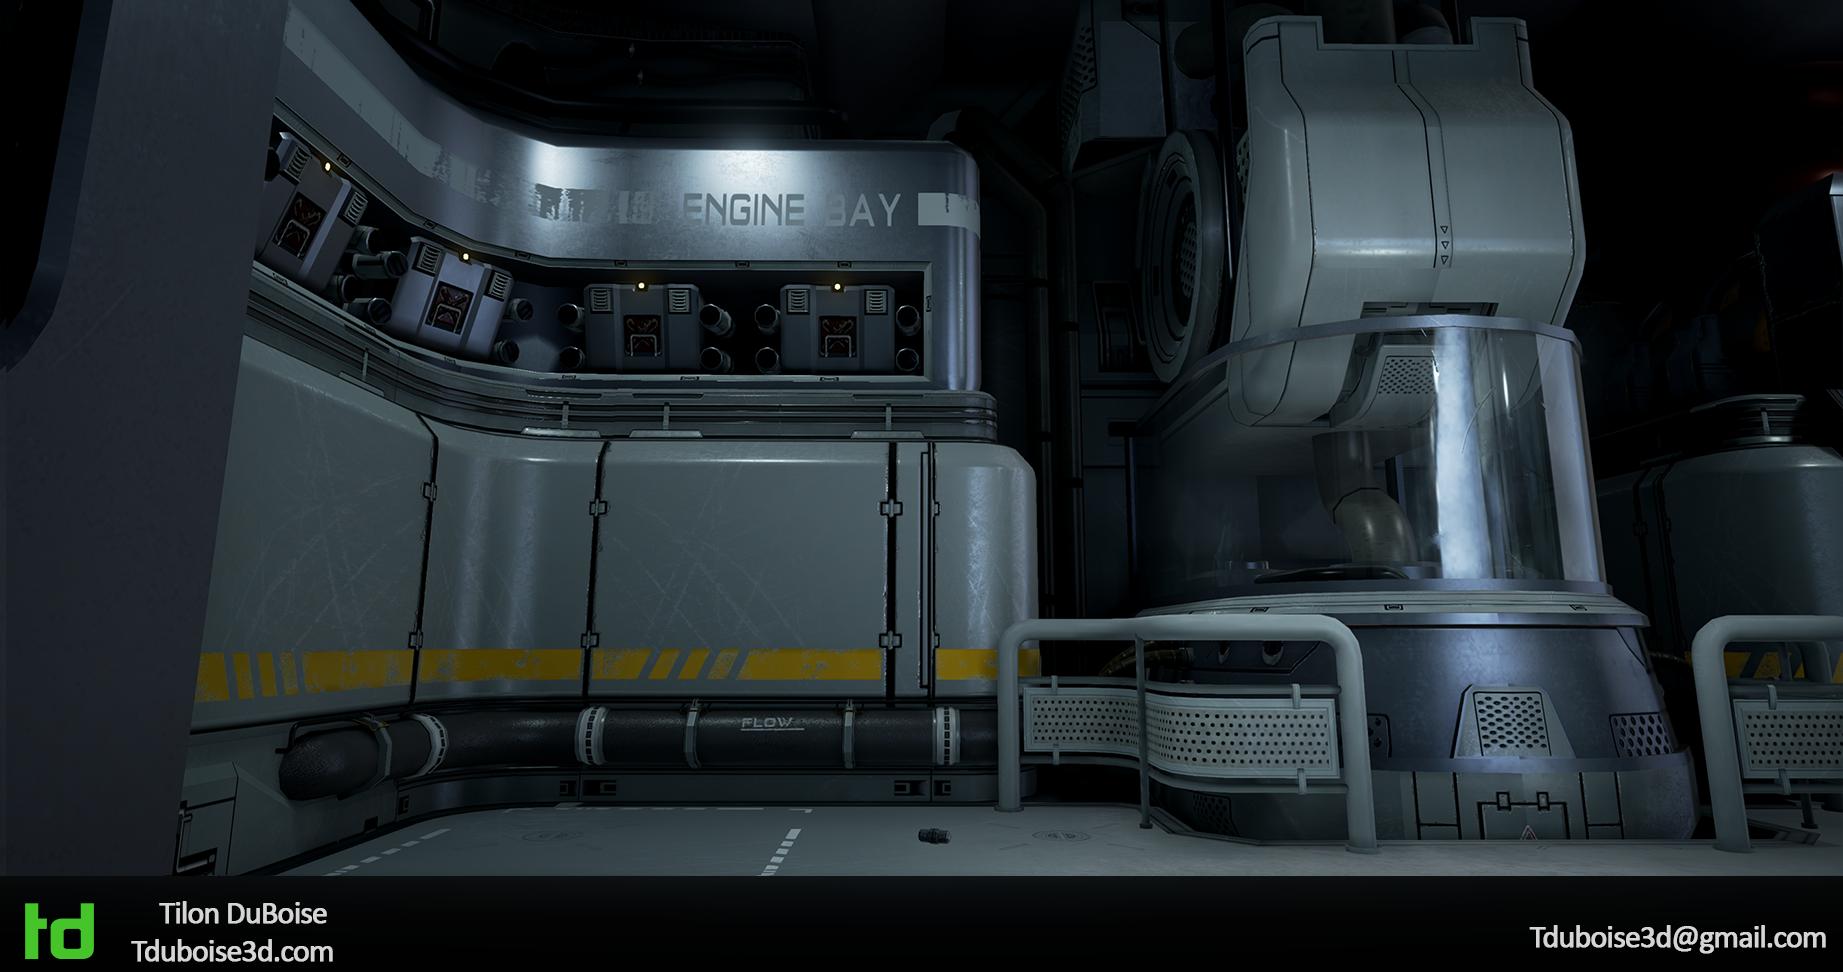 Halo-Engine-Bay-Shot-2